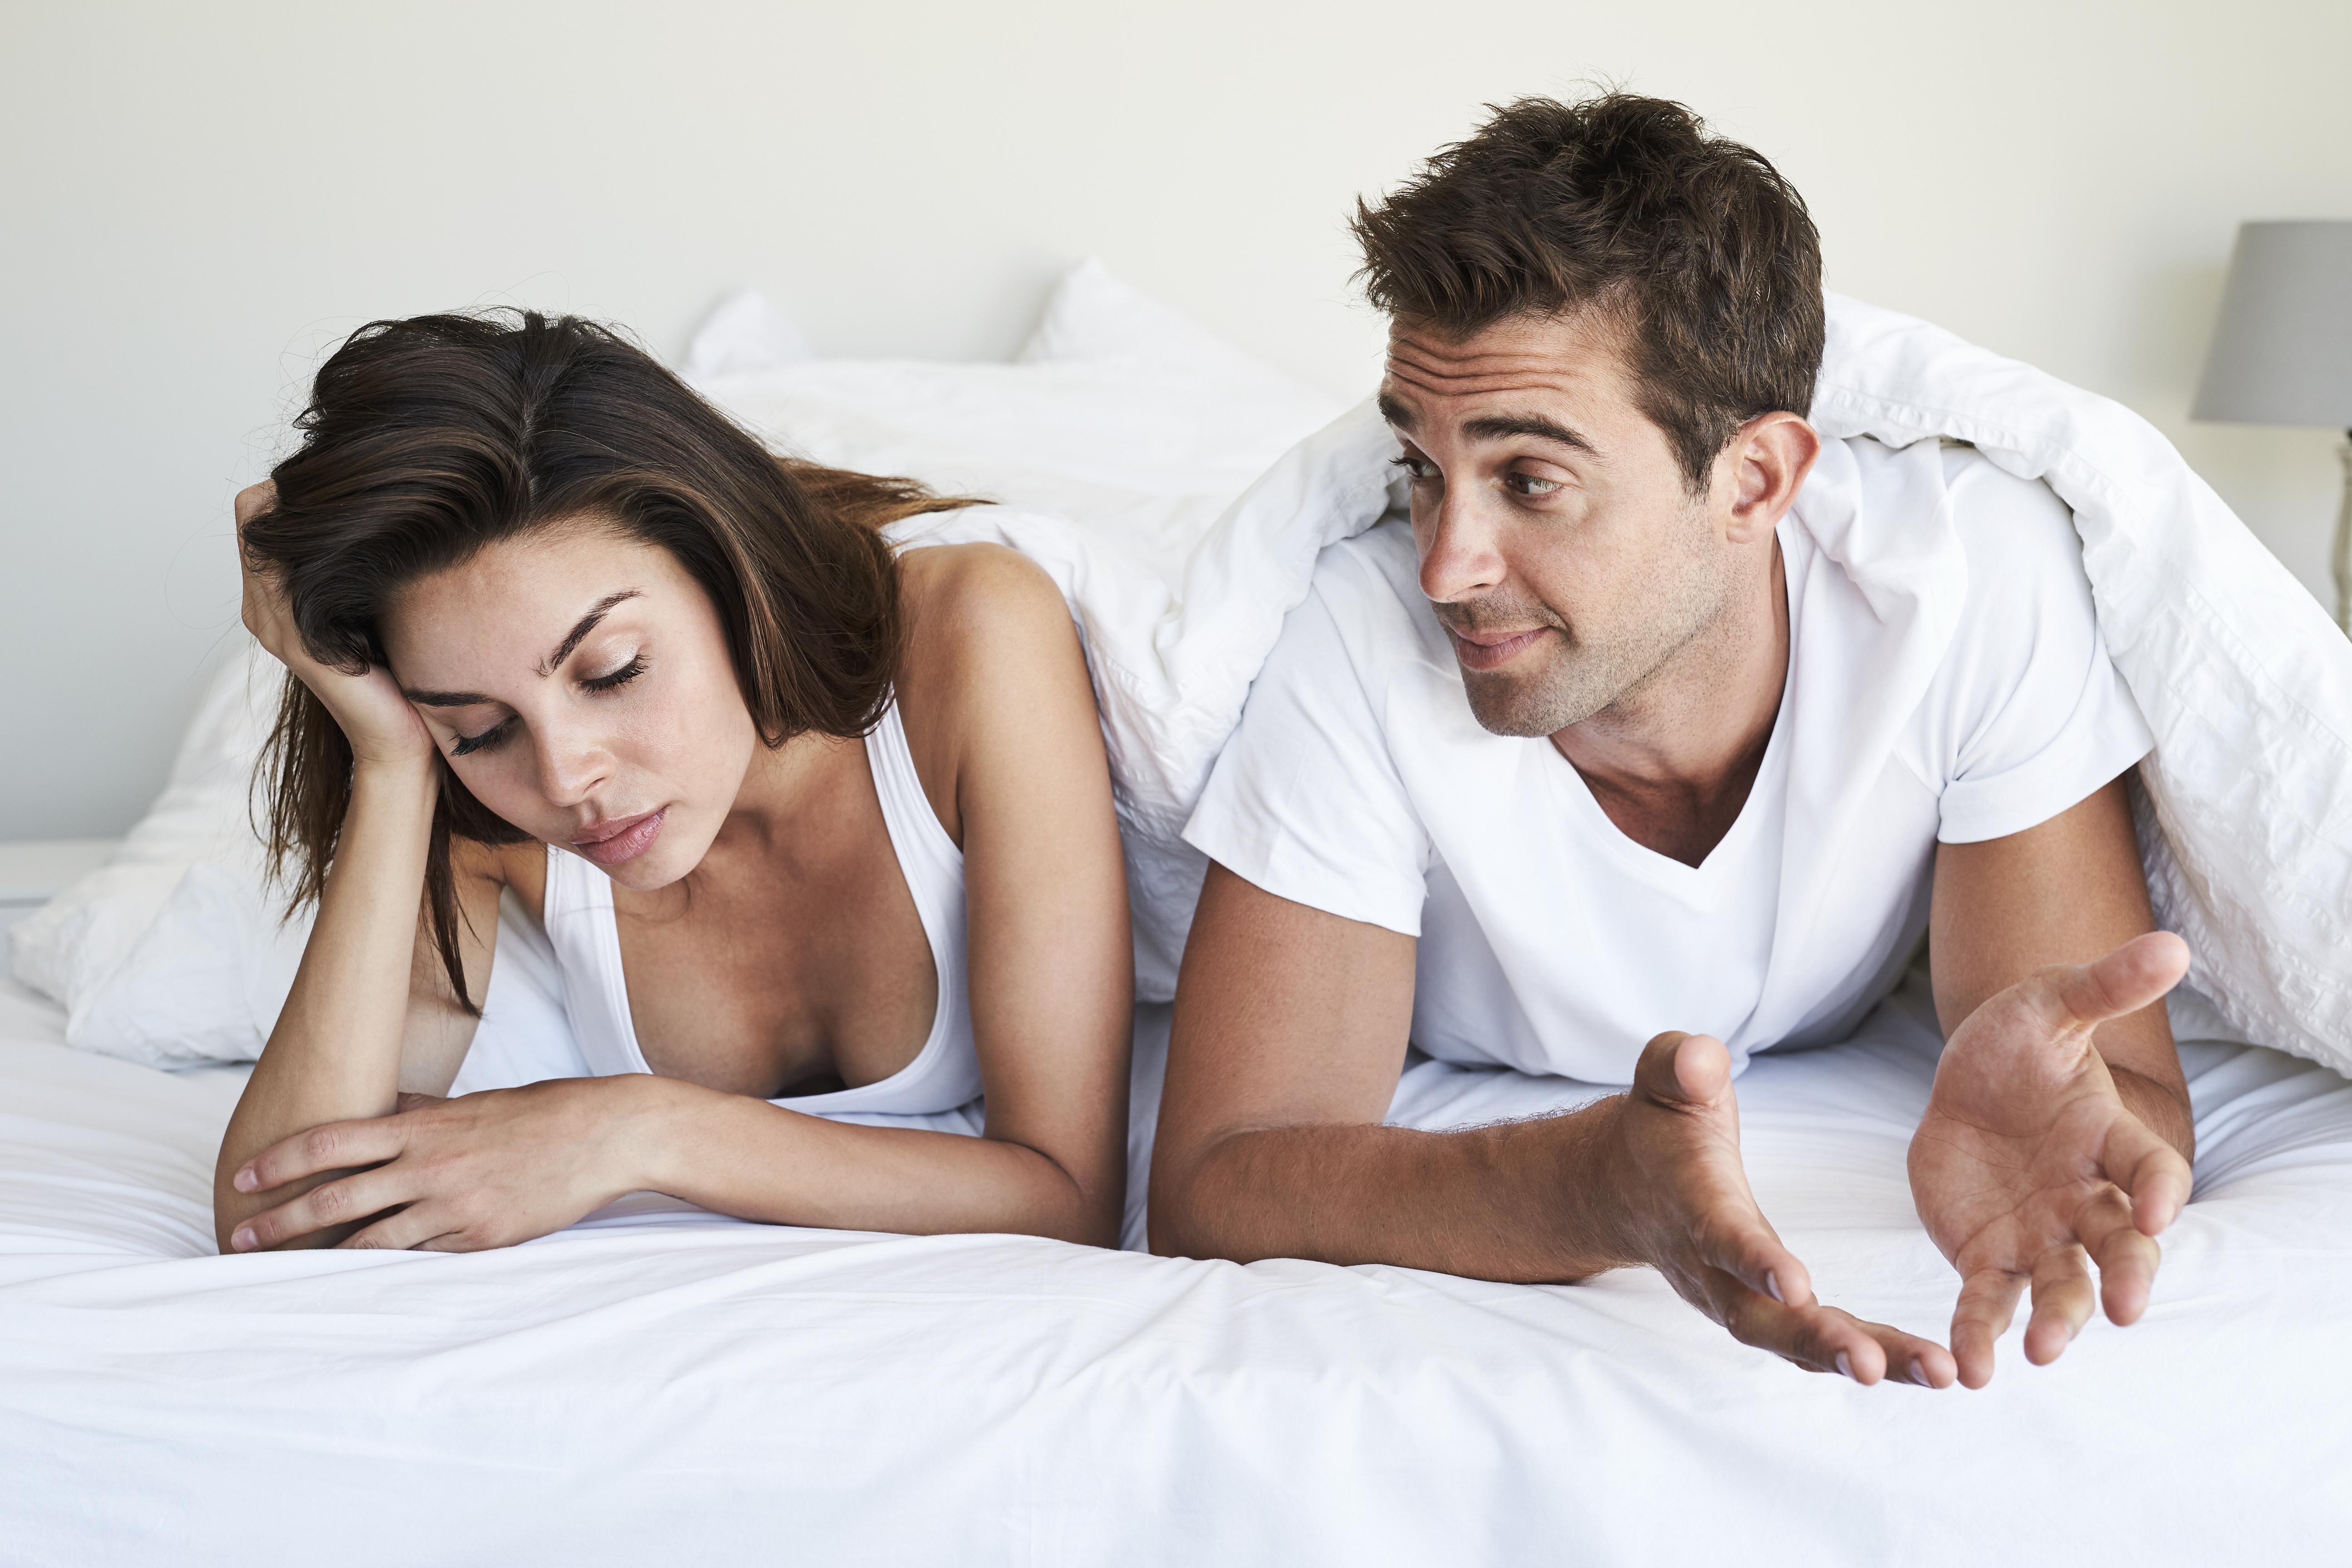 dobrý ebenový sex